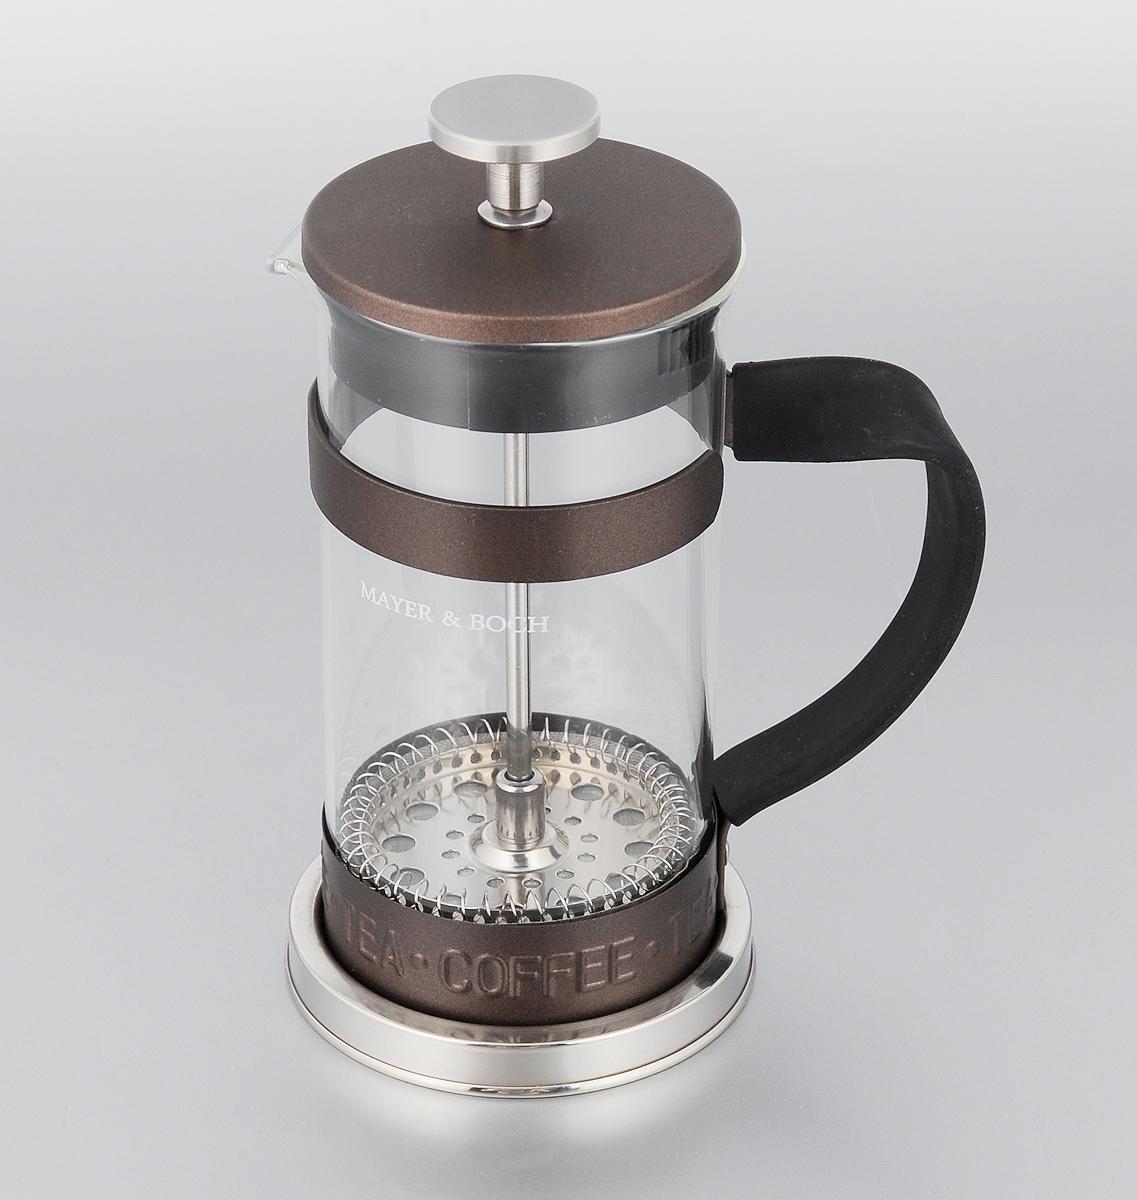 Френч-пресс Mayer & Boch, цвет: прозрачный, коричневый, 350 мл. 2491224912_коичневыйФренч-пресс Mayer & Boch изготовлен из высококачественной нержавеющей стали и жаропрочного стекла. Фильтр-поршень оснащен ситечком для обеспечения равномерной циркуляции воды. Засыпая чайную заварку или кофе под фильтр, заливая горячей водой, вы получаете ароматный напиток с оптимальной крепостью и насыщенностью. Остановить процесс заваривания легко, для этого нужно просто опустить поршень вниз, оставляя напиток, готовый к употреблению. Изделие оснащено эргономичной прорезиненной ручкой, она обеспечит безопасный и удобный хват. Такой френч-пресс позволит быстро и просто приготовить свежий и ароматный кофе или чай. Можно мыть в посудомоечной машине.Не использовать в микроволновой печи.Диаметр колбы (по верхнему краю): 7,5 см. Высота френч-пресса (без учета крышки): 14,5 см.Высота френч-пресса (с учетом крышки): 17,5 см.